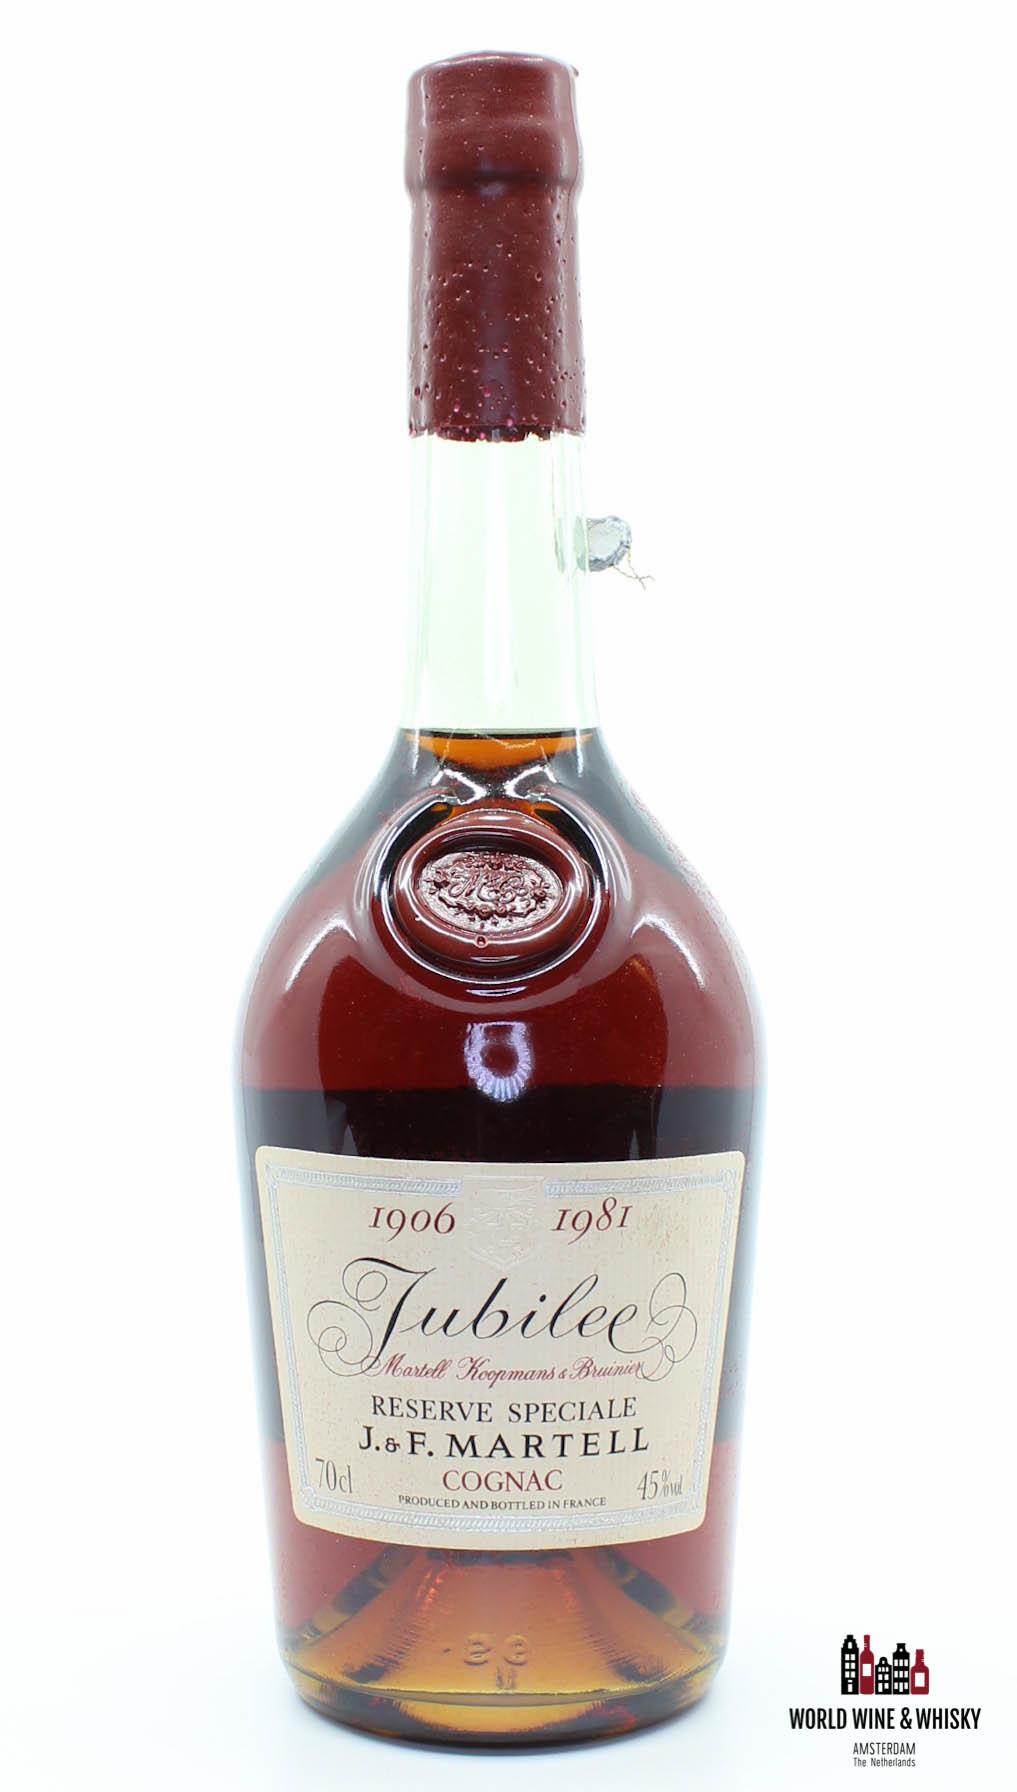 J & F Martell J & F Martell 1906 1981 Reserve Speciale - Jubilee Martell Koopmans & Bruinier Cognac 45%